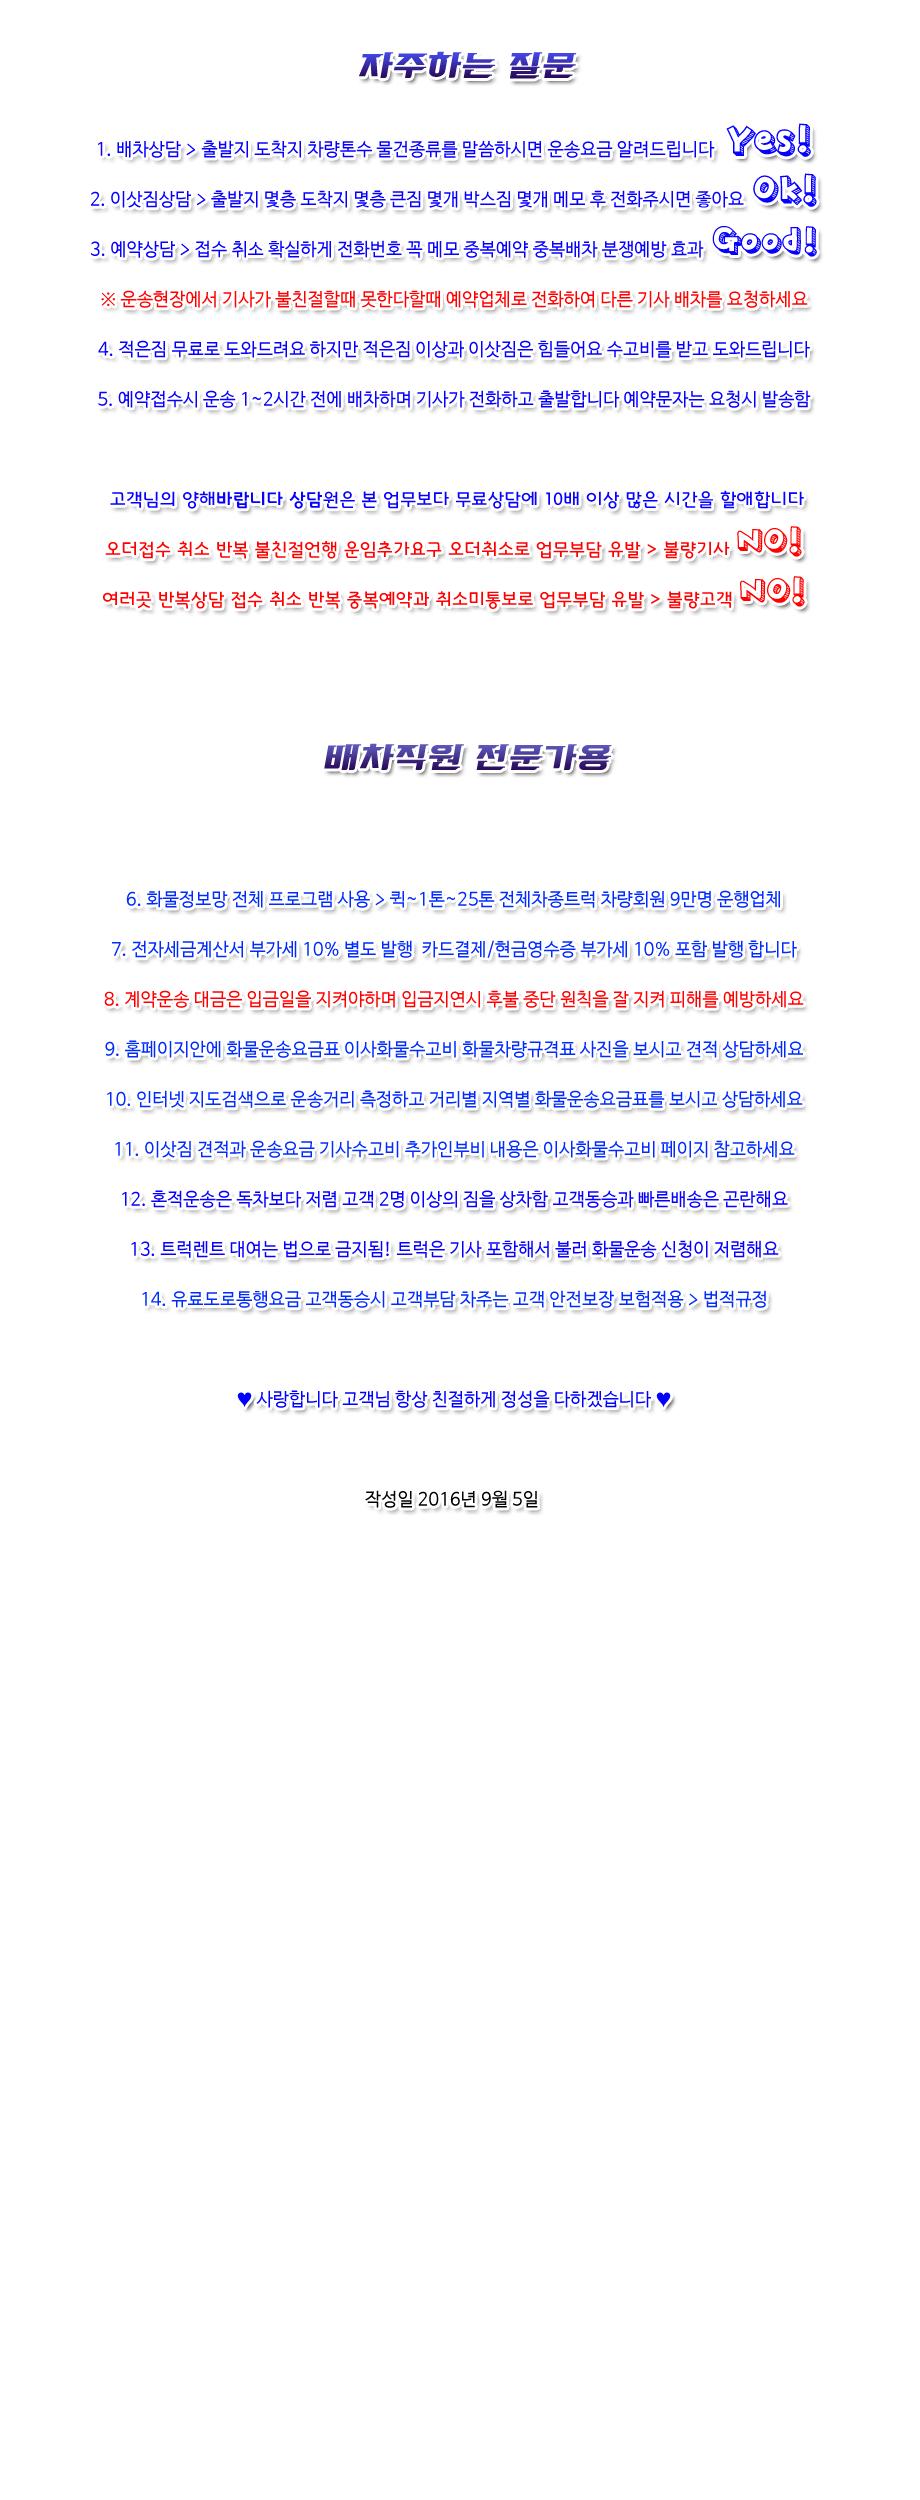 자주하는질문160905 copy.png